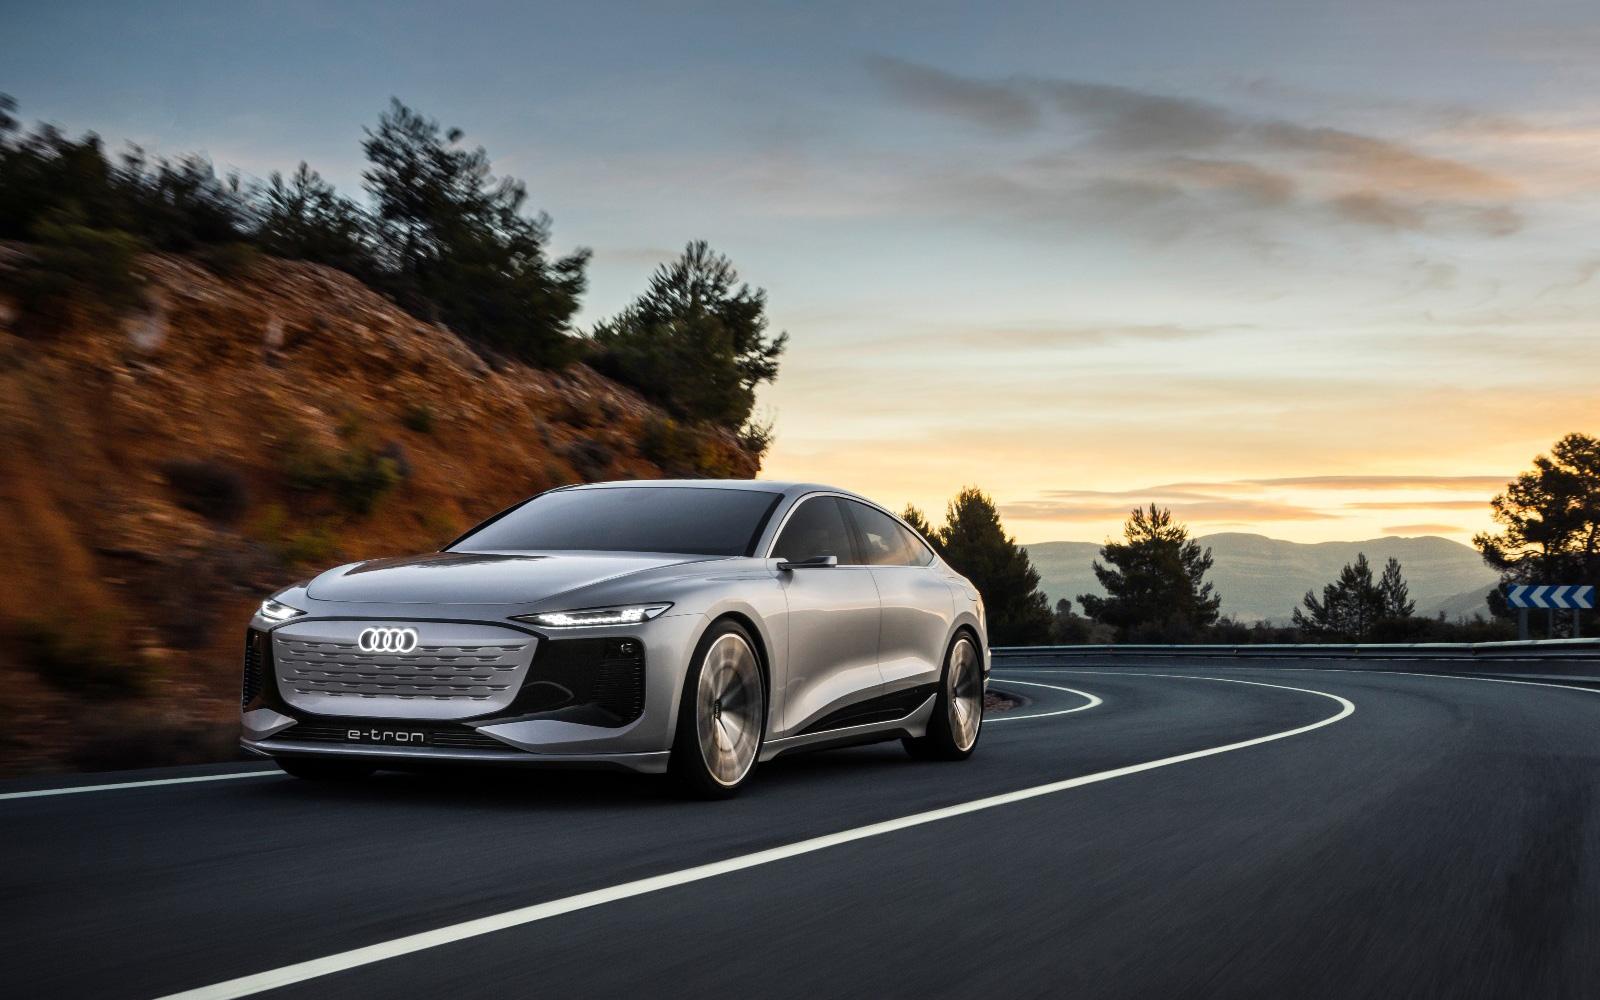 Audi A6 e-tron 概念